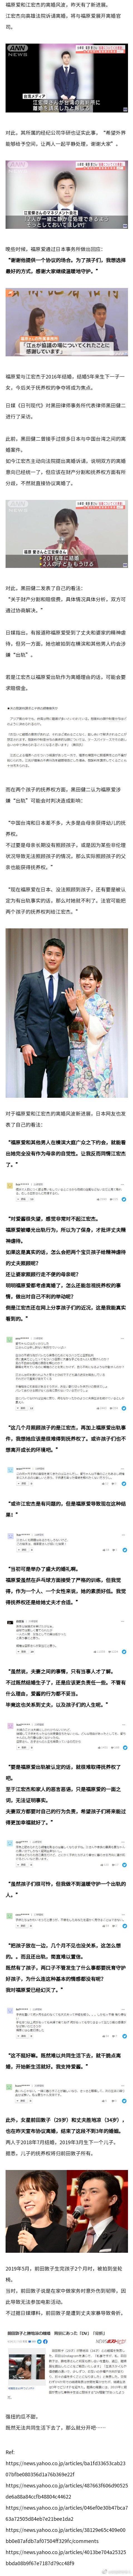 江宏杰向法院提出离婚诉求,福原爱对此作出回应又被骂